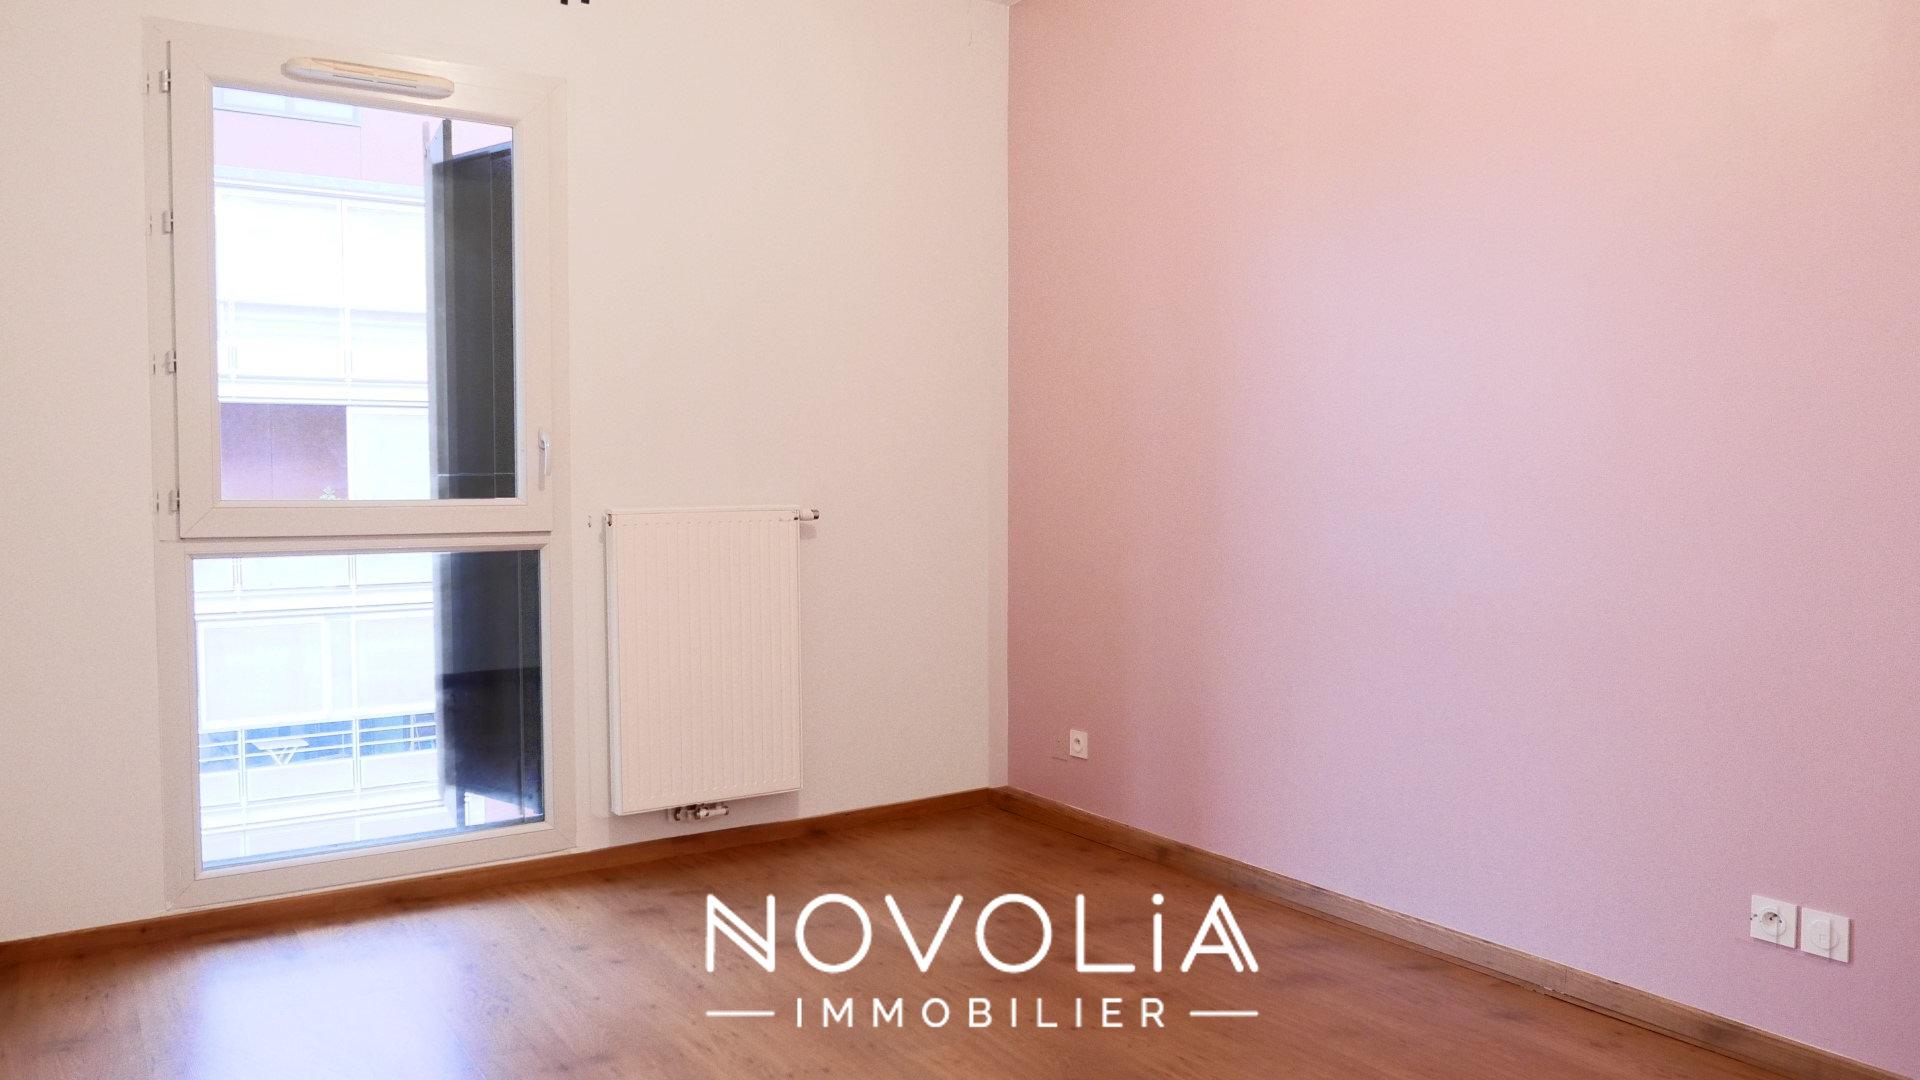 Achat Appartement, Surface de 66.17 m²/ Total carrez : 66.17 m², 3 pièces, Lyon 7ème (69007)